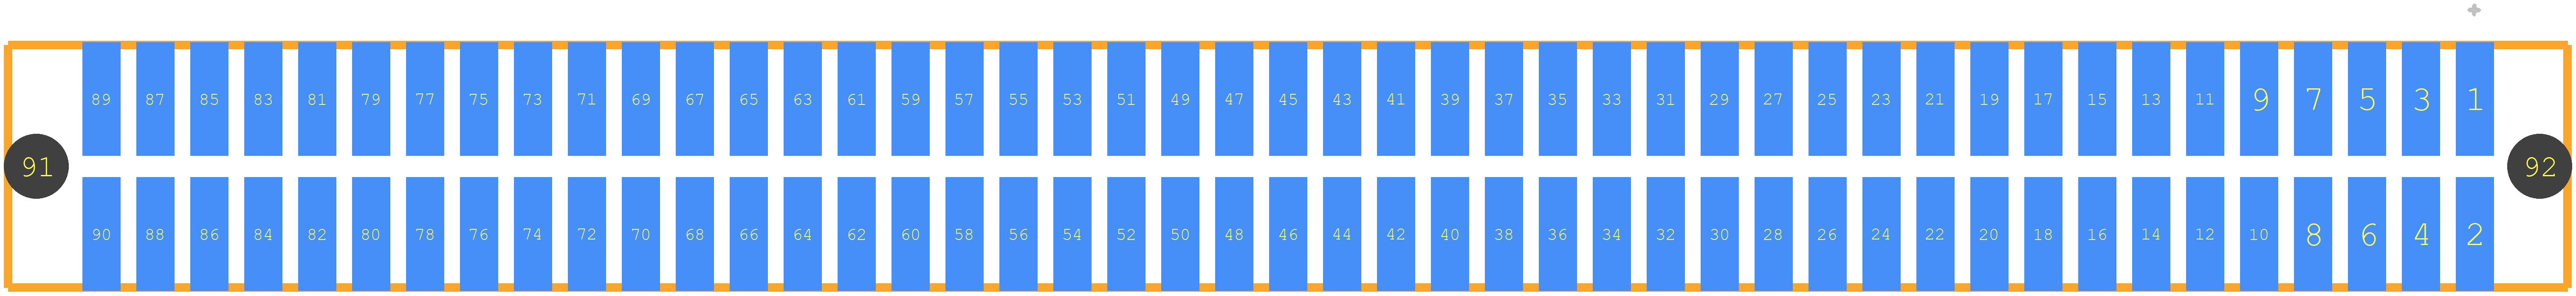 87409-145LF - FCI PCB footprint - Other - 87409-145LF